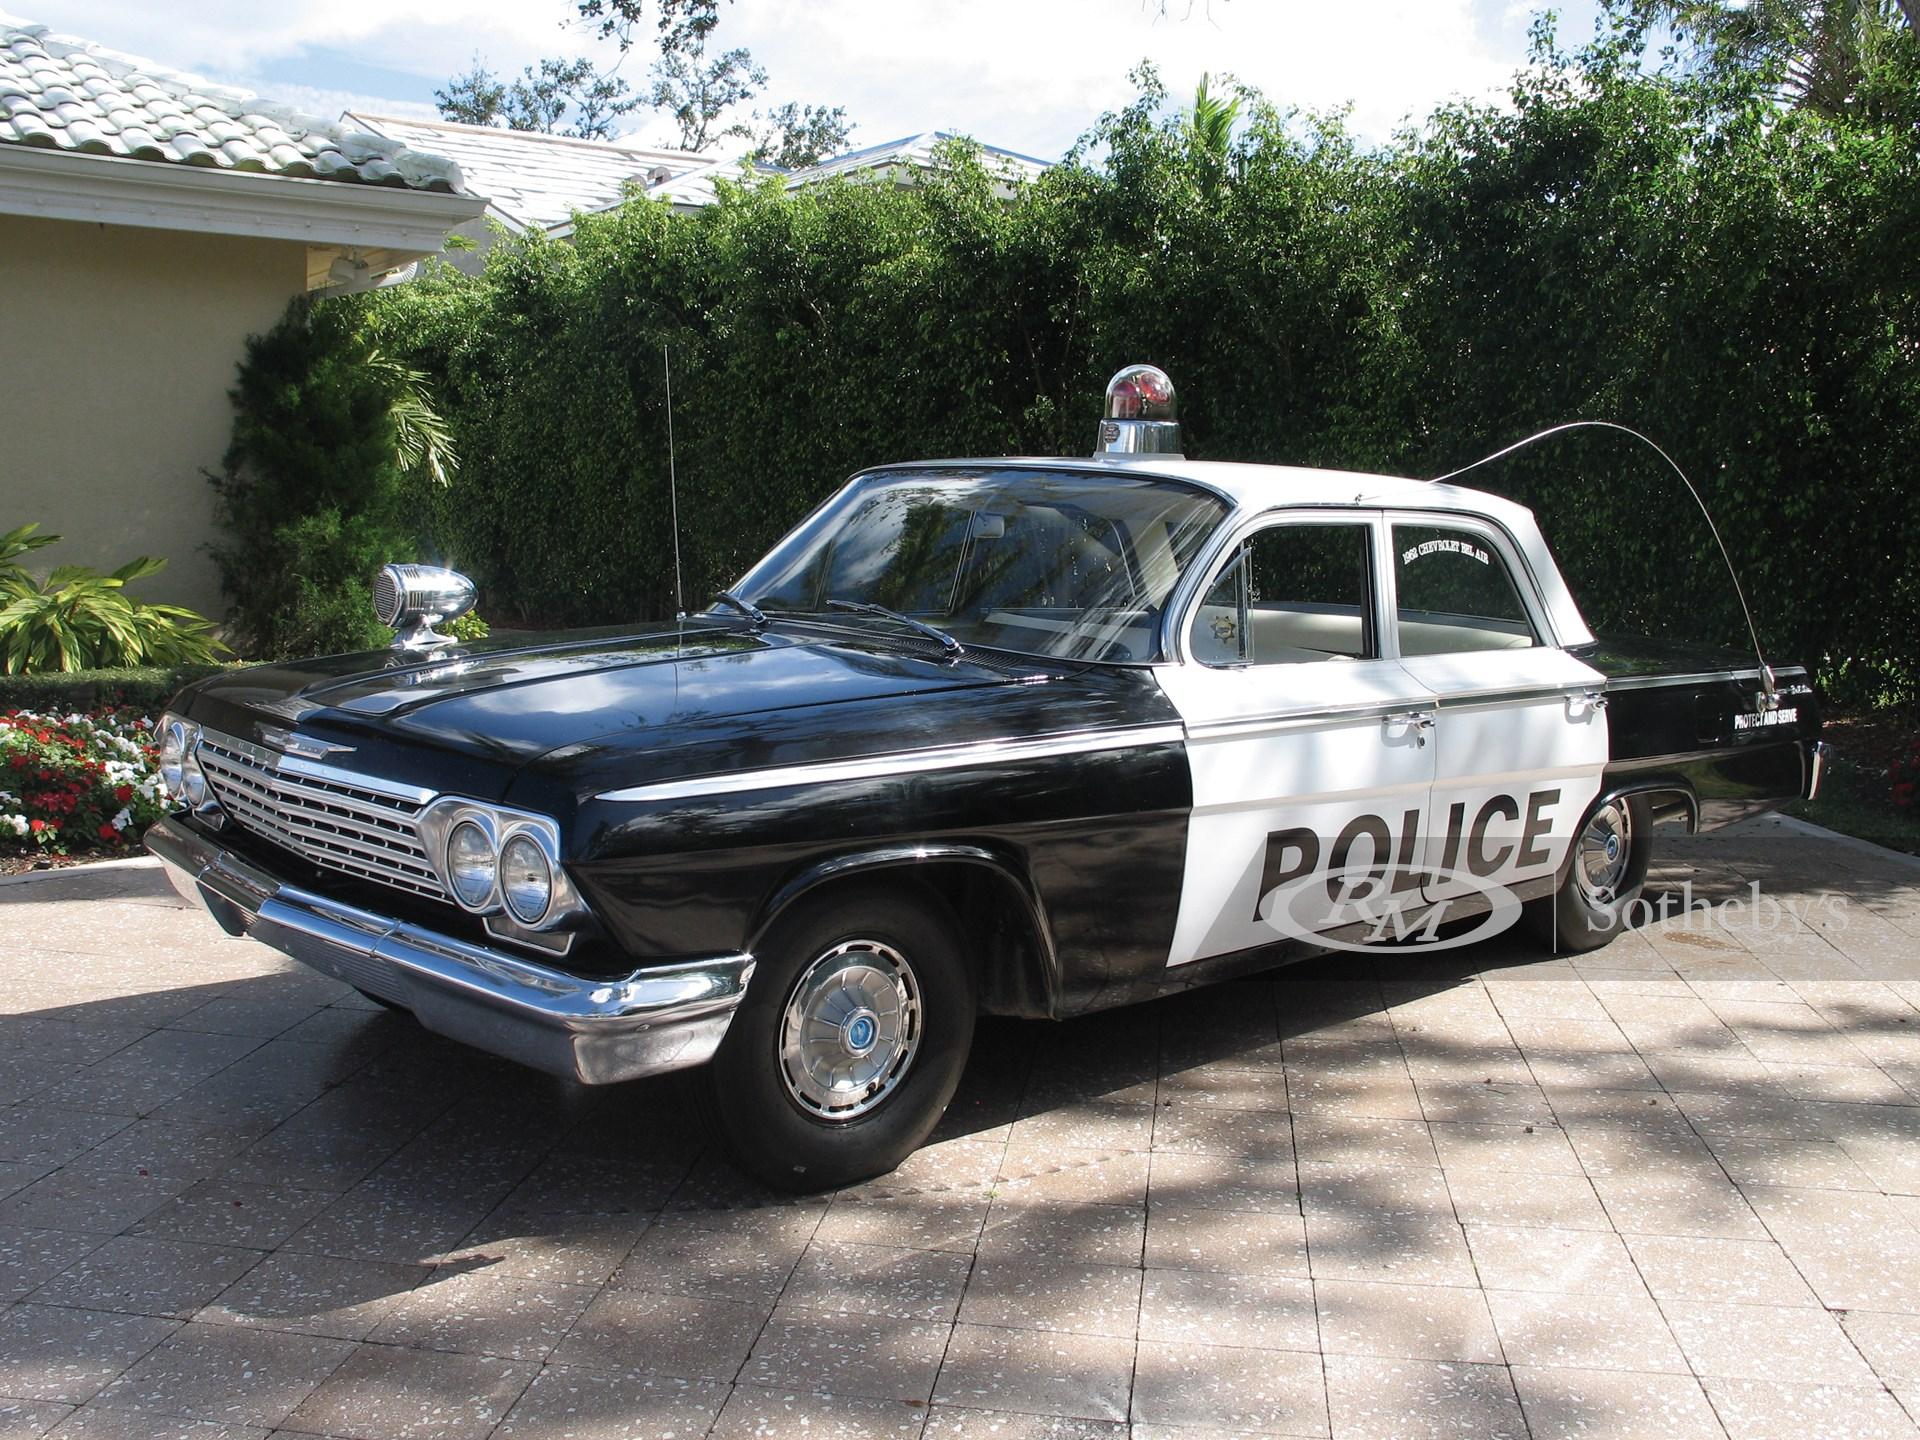 1962 Chevrolet Palm Beach County Police Car  -